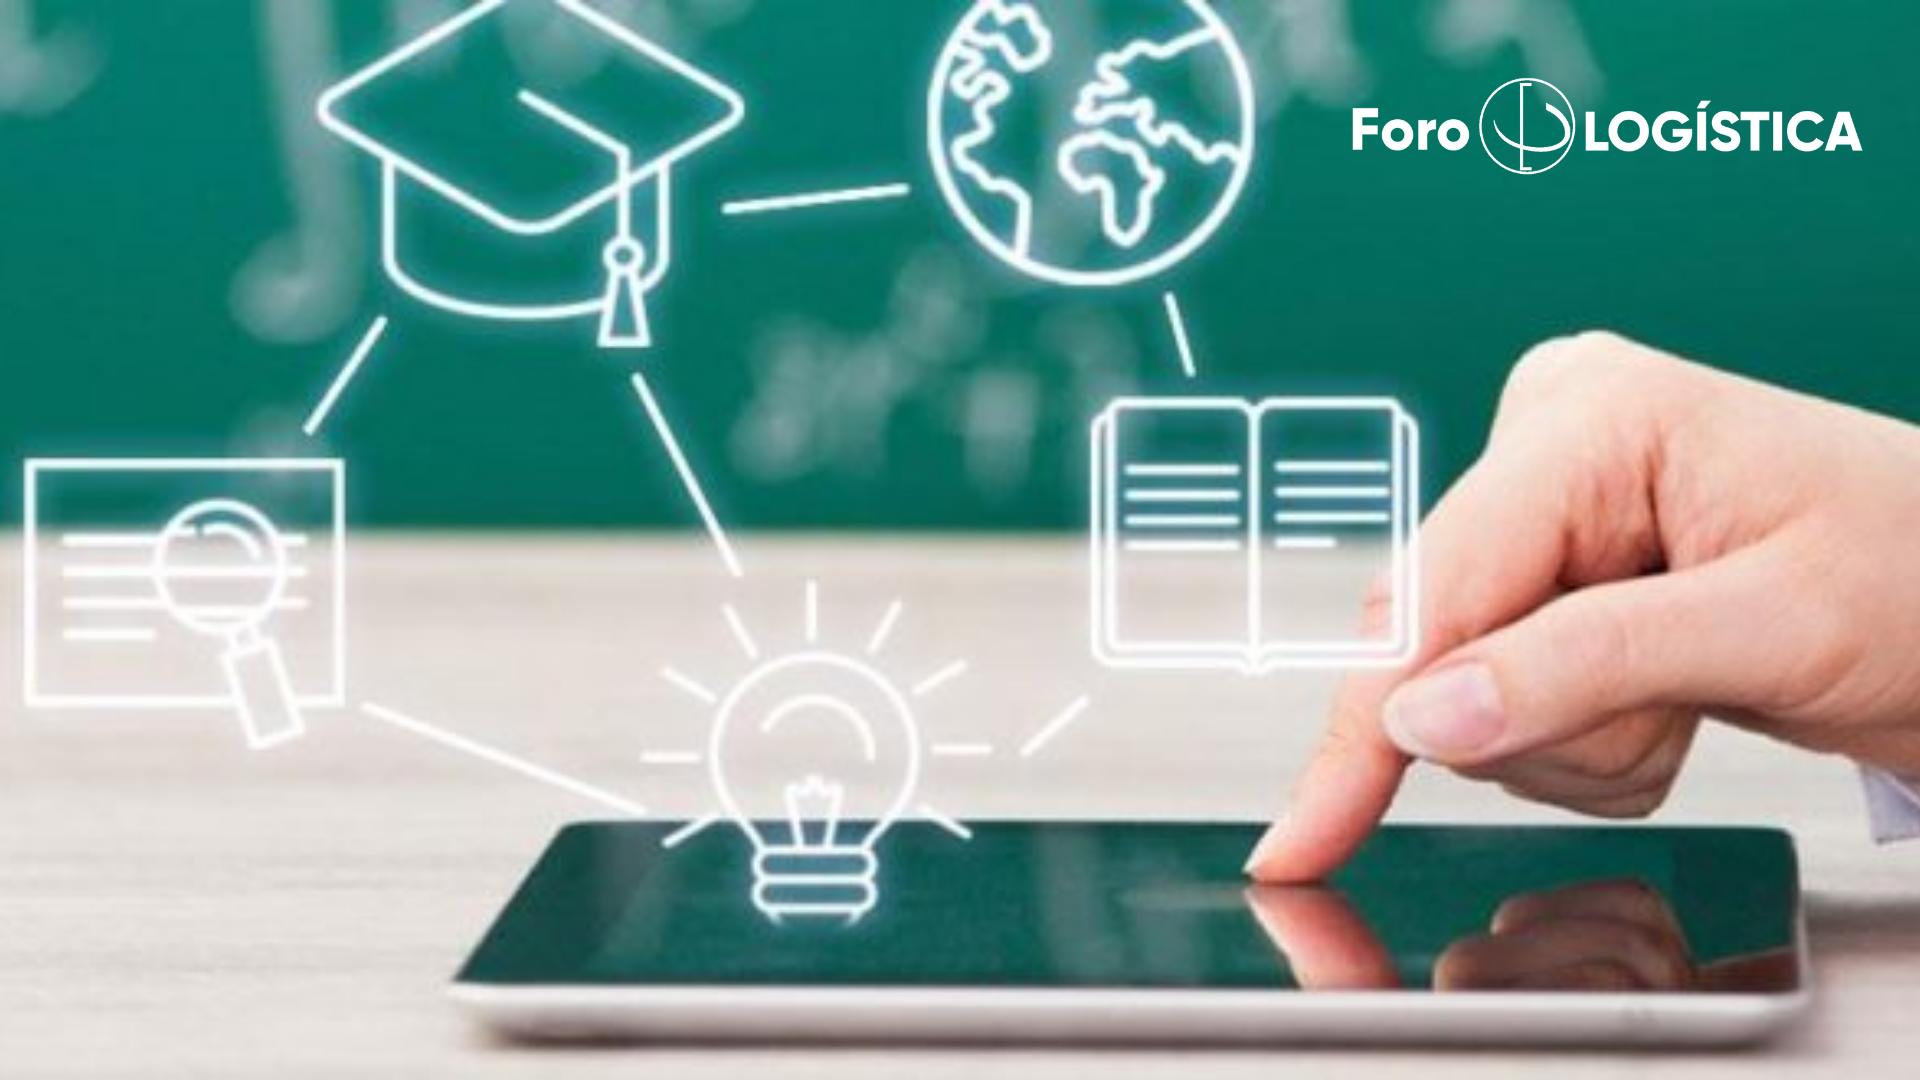 La metodología FAST de Foro de Logística: Una apuesta por la «Smart Education» utilizando tecnologías 4.0